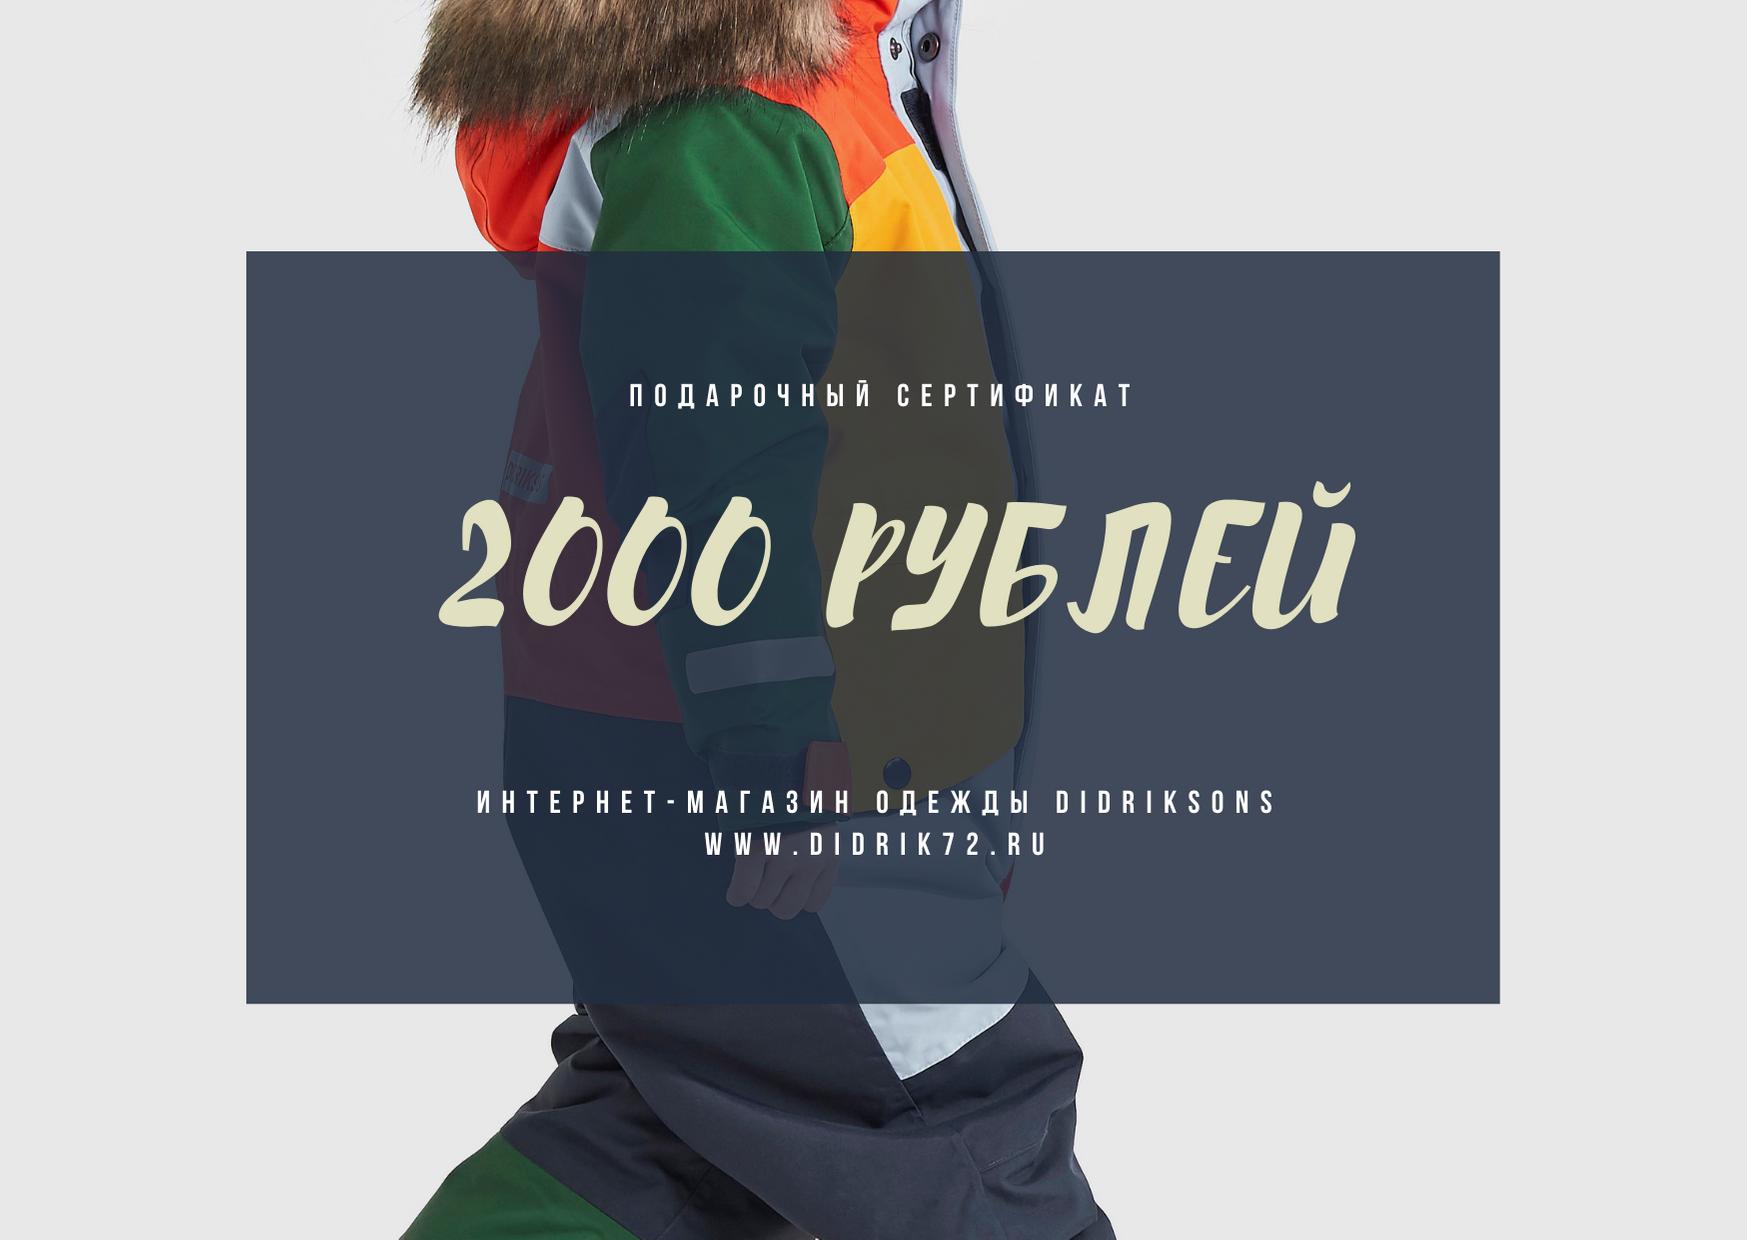 Электронный подарочный сертификат на сумму 2000 рублей